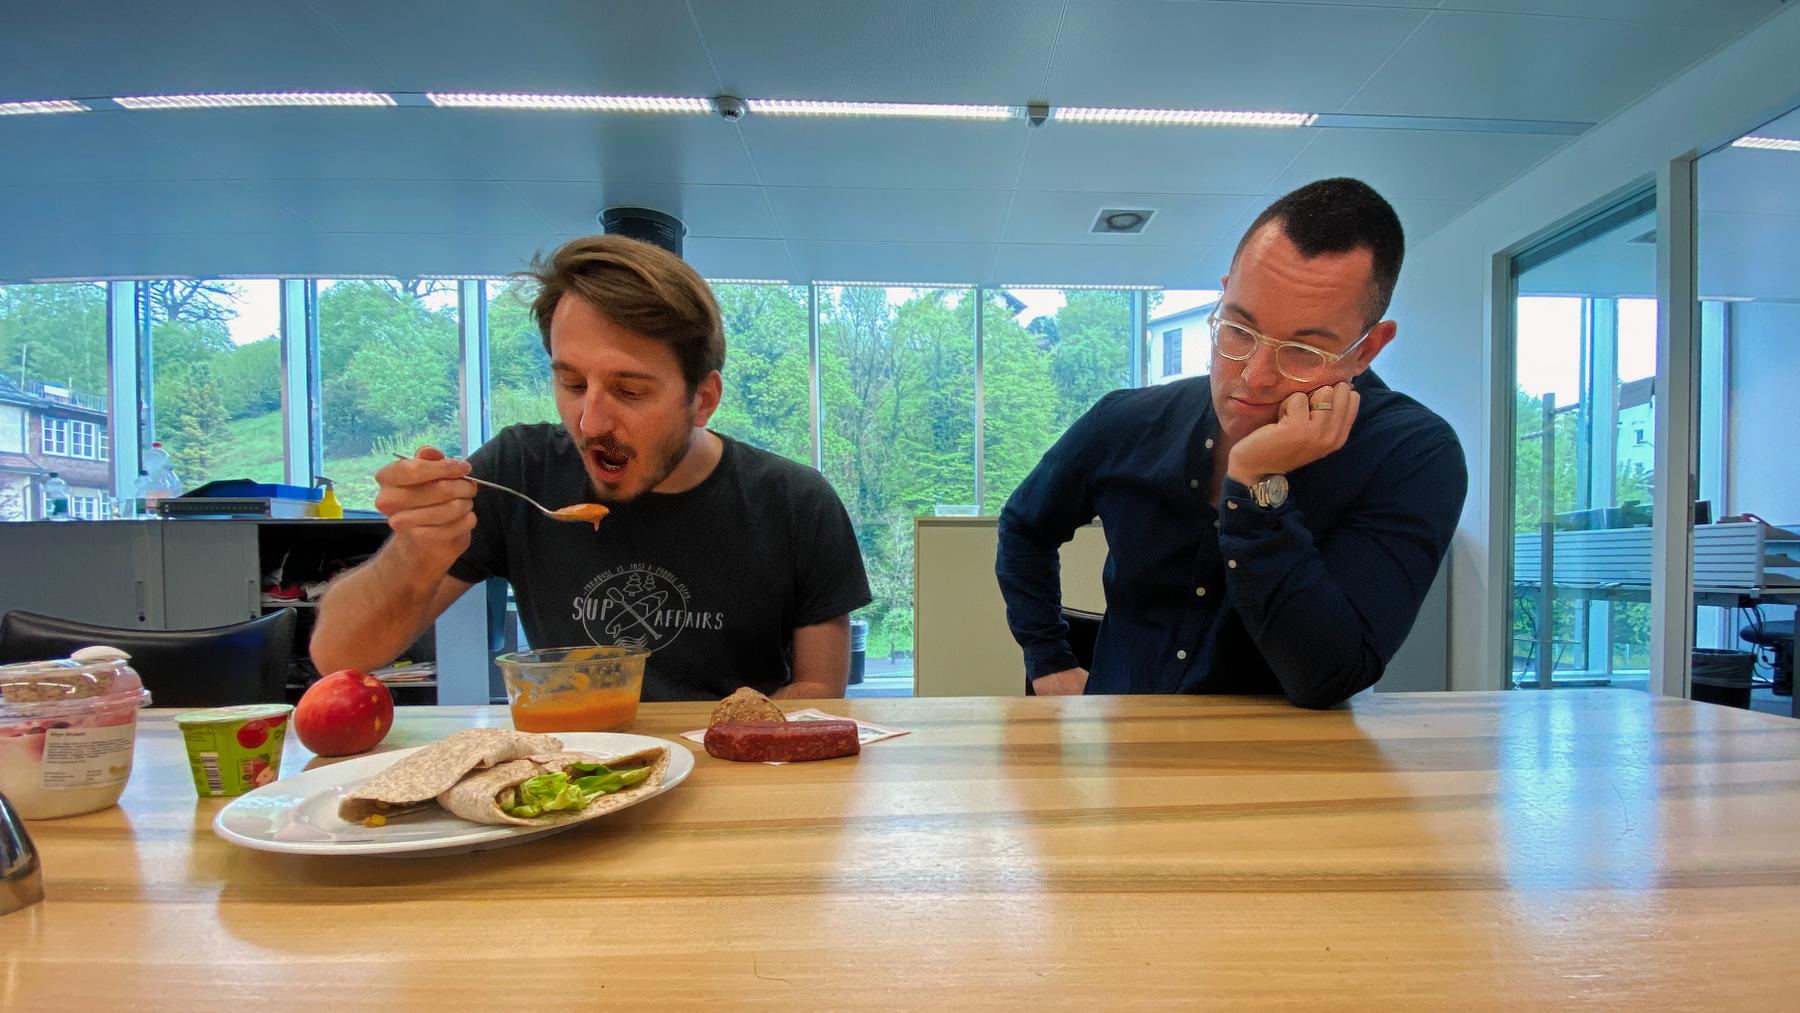 Während meine Kollegen zu Mittag essen, darf ich mich daneben langweilen.